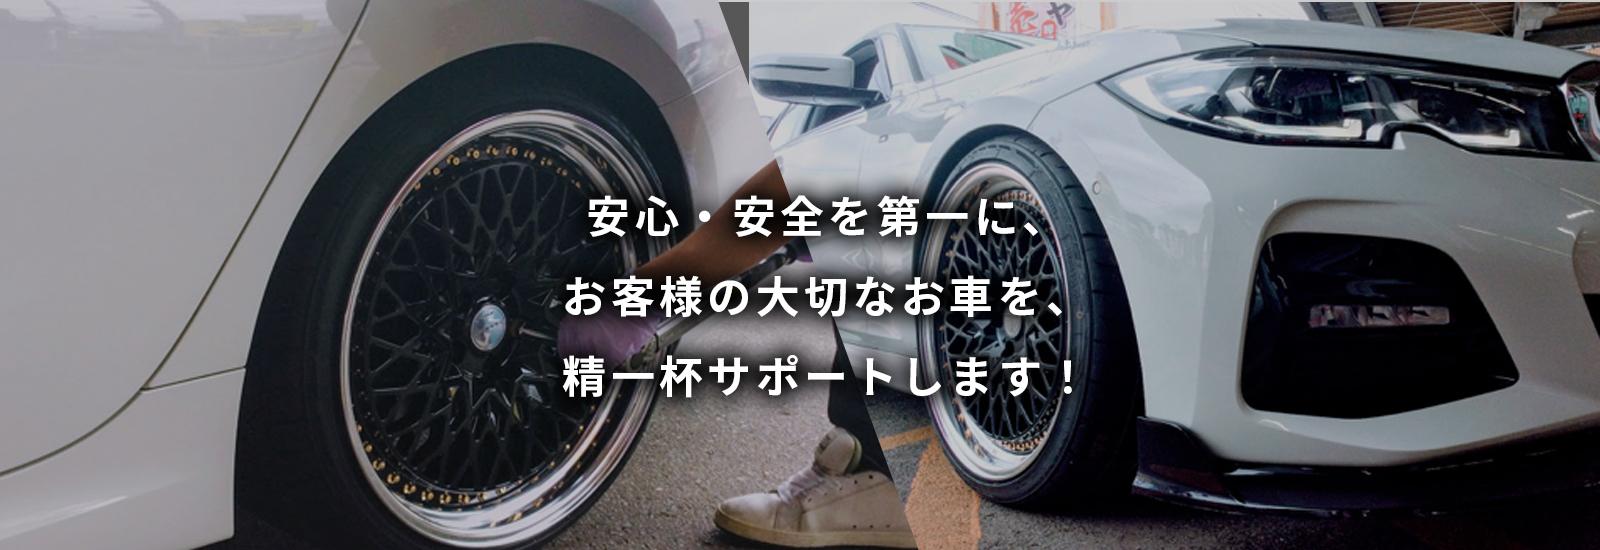 安心・安全を第一に、お客様の大切なお車を、精一杯サポートします!